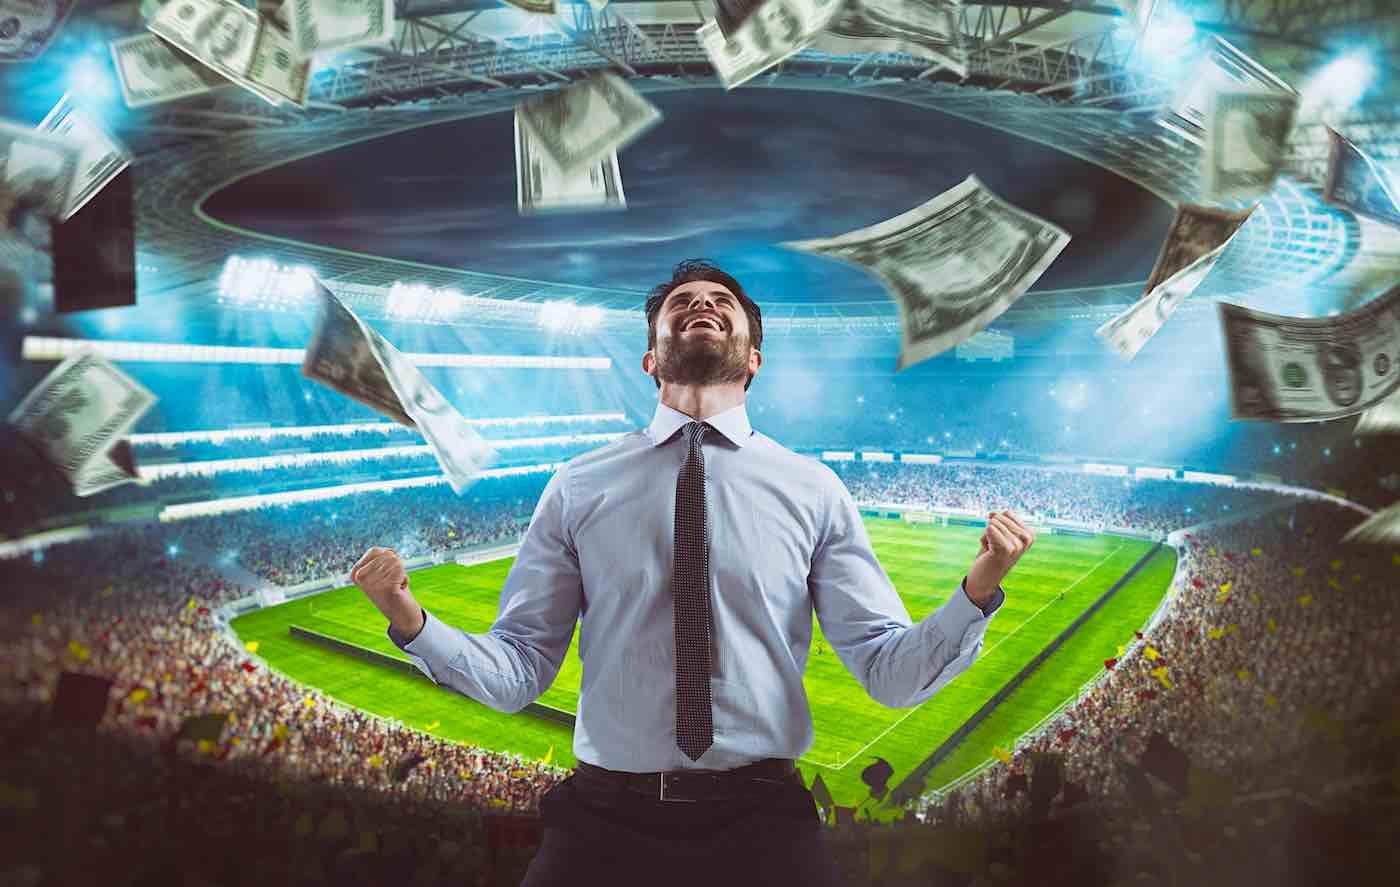 El matched betting es un método que permite generar beneficios seguros con las promociones y bonos de las casas de apuestas.